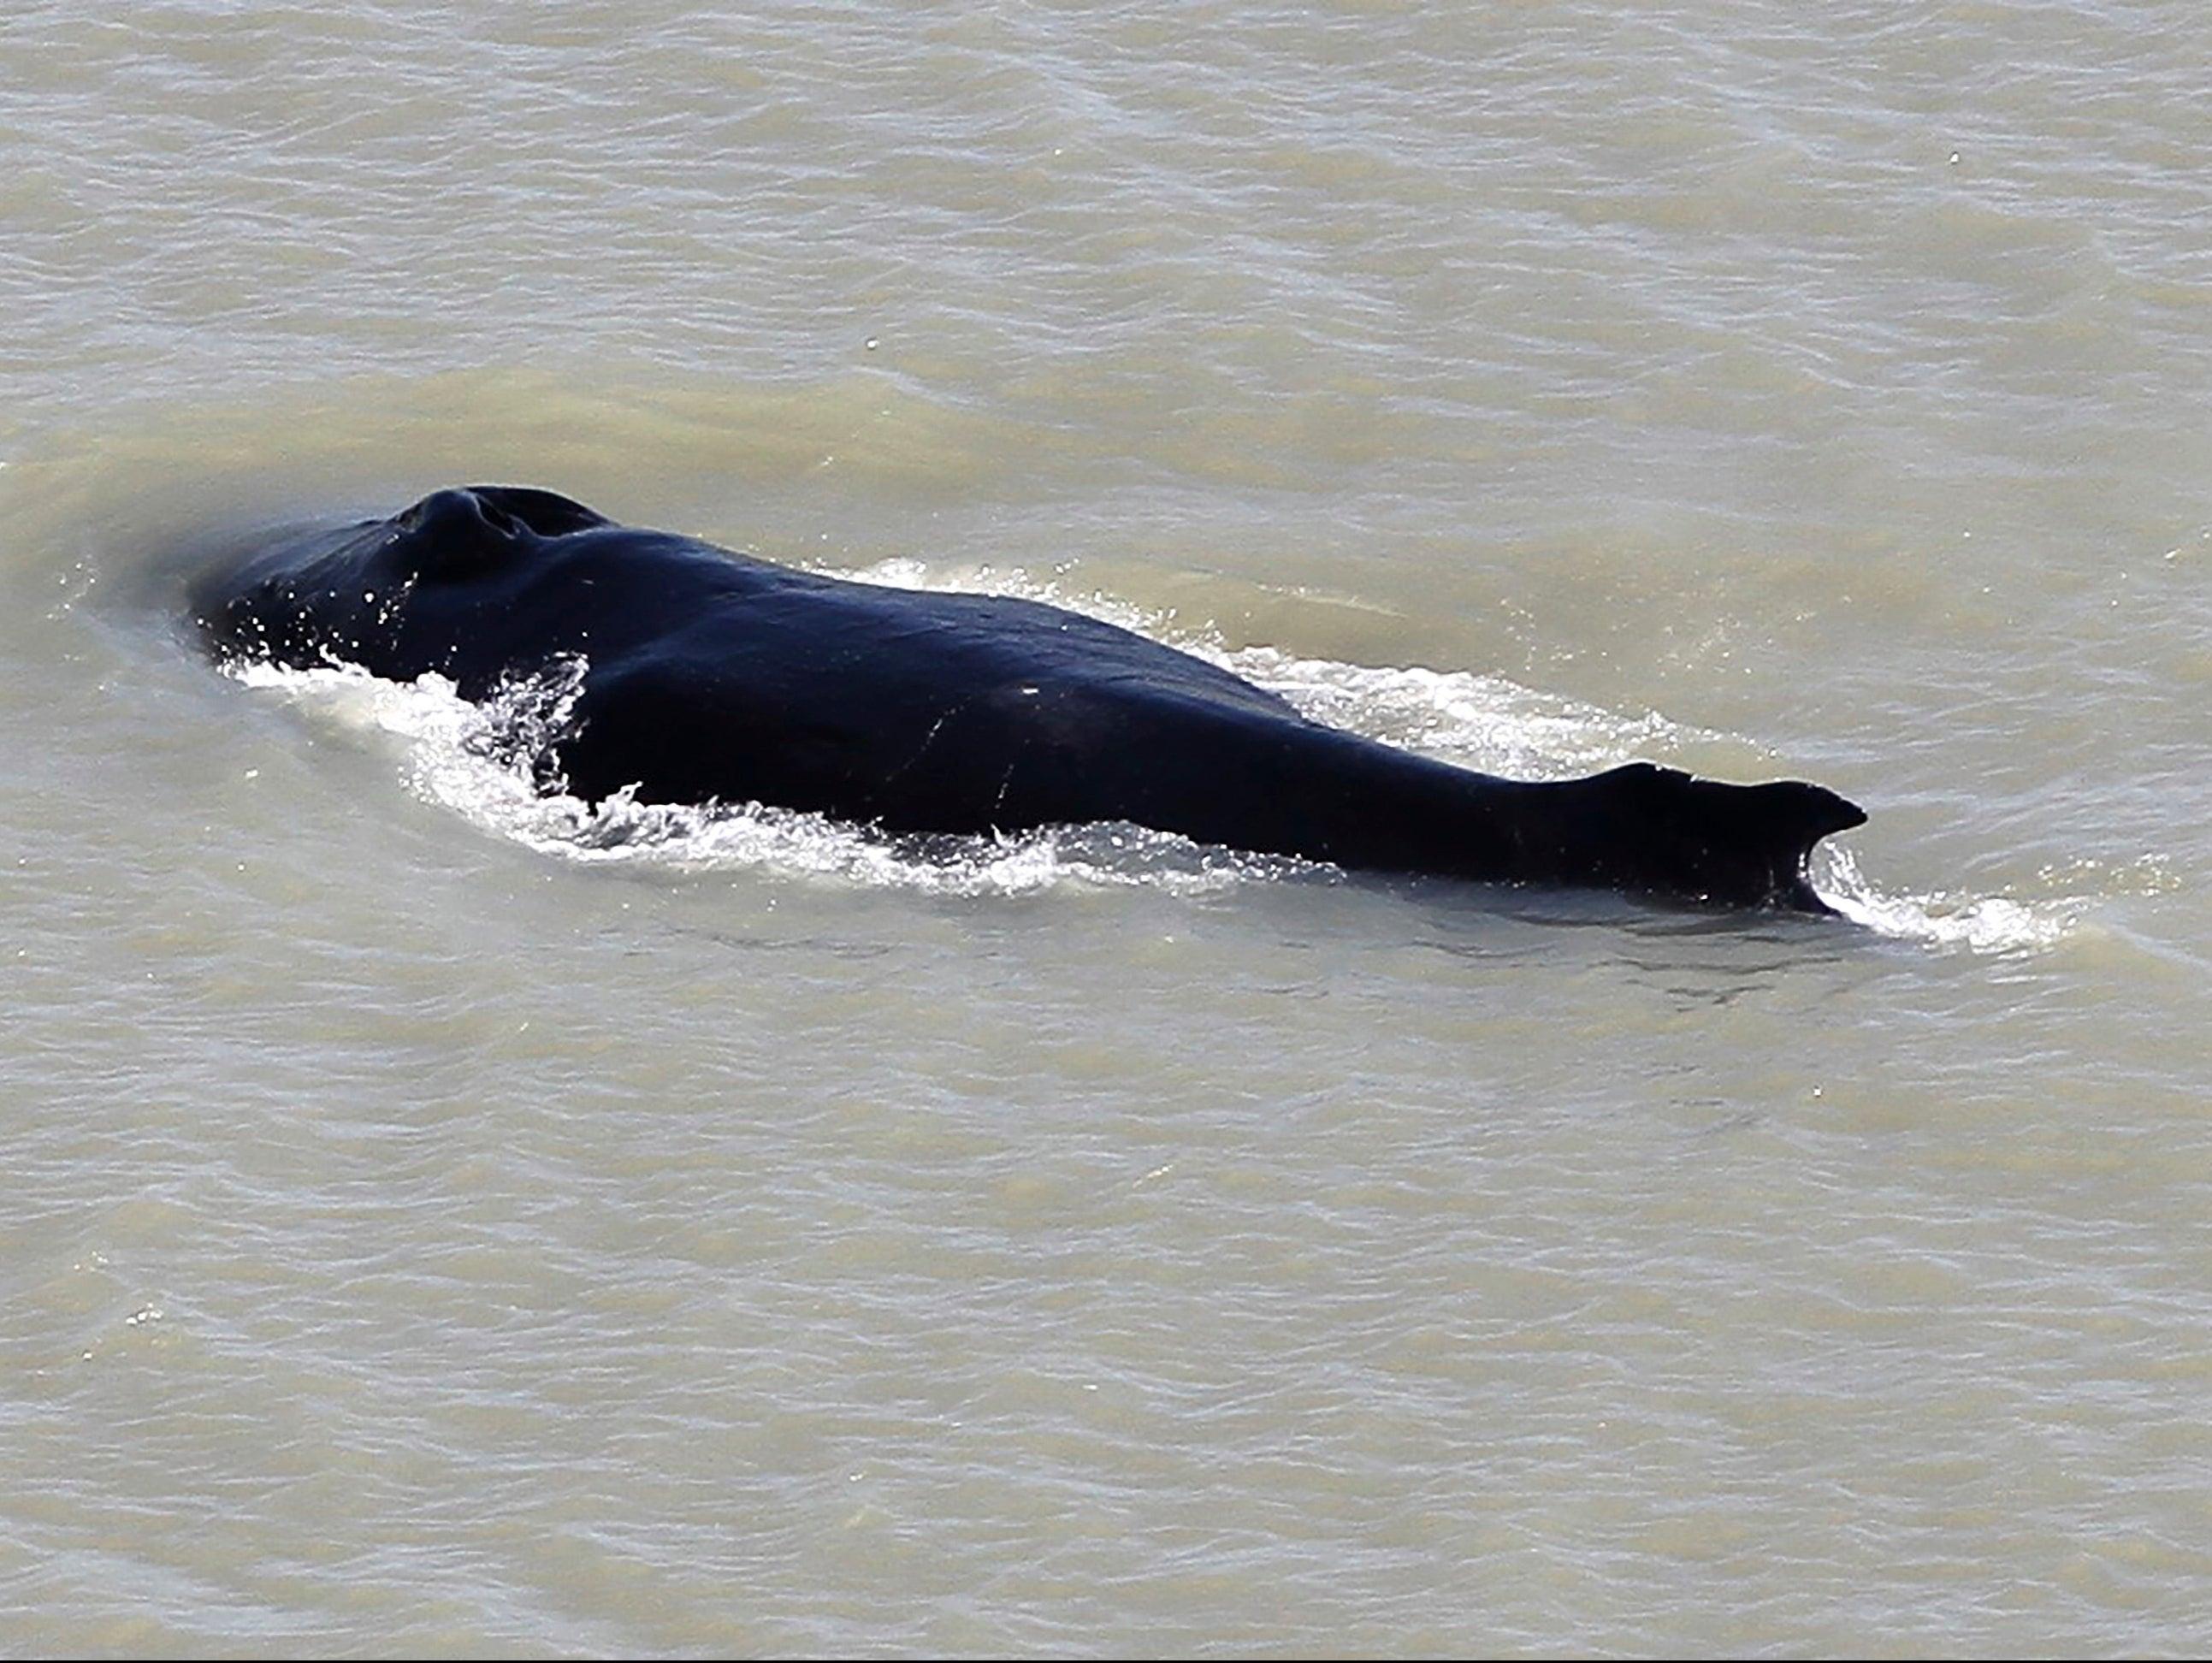 Humpback Whale Escapes Crocodile-Infested River in Australia